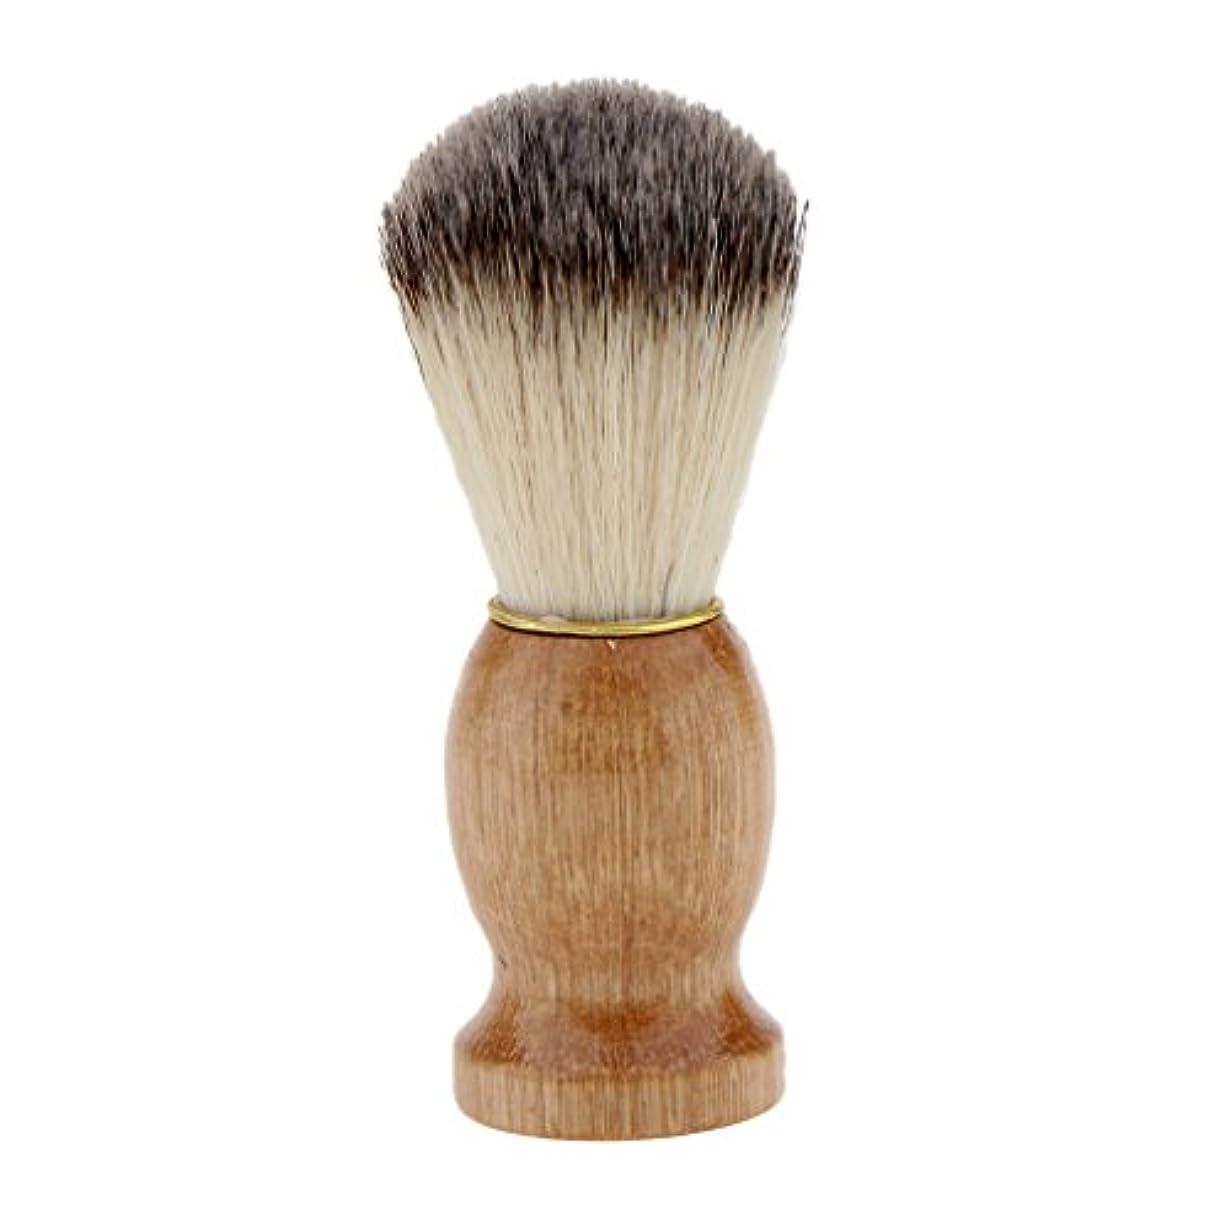 資格情報歴史家熟読するシェービングブラシ ひげ剃りブラシ 洗顔 コスメブラシ 木製ハンドル メンズ 高品質 プレゼント